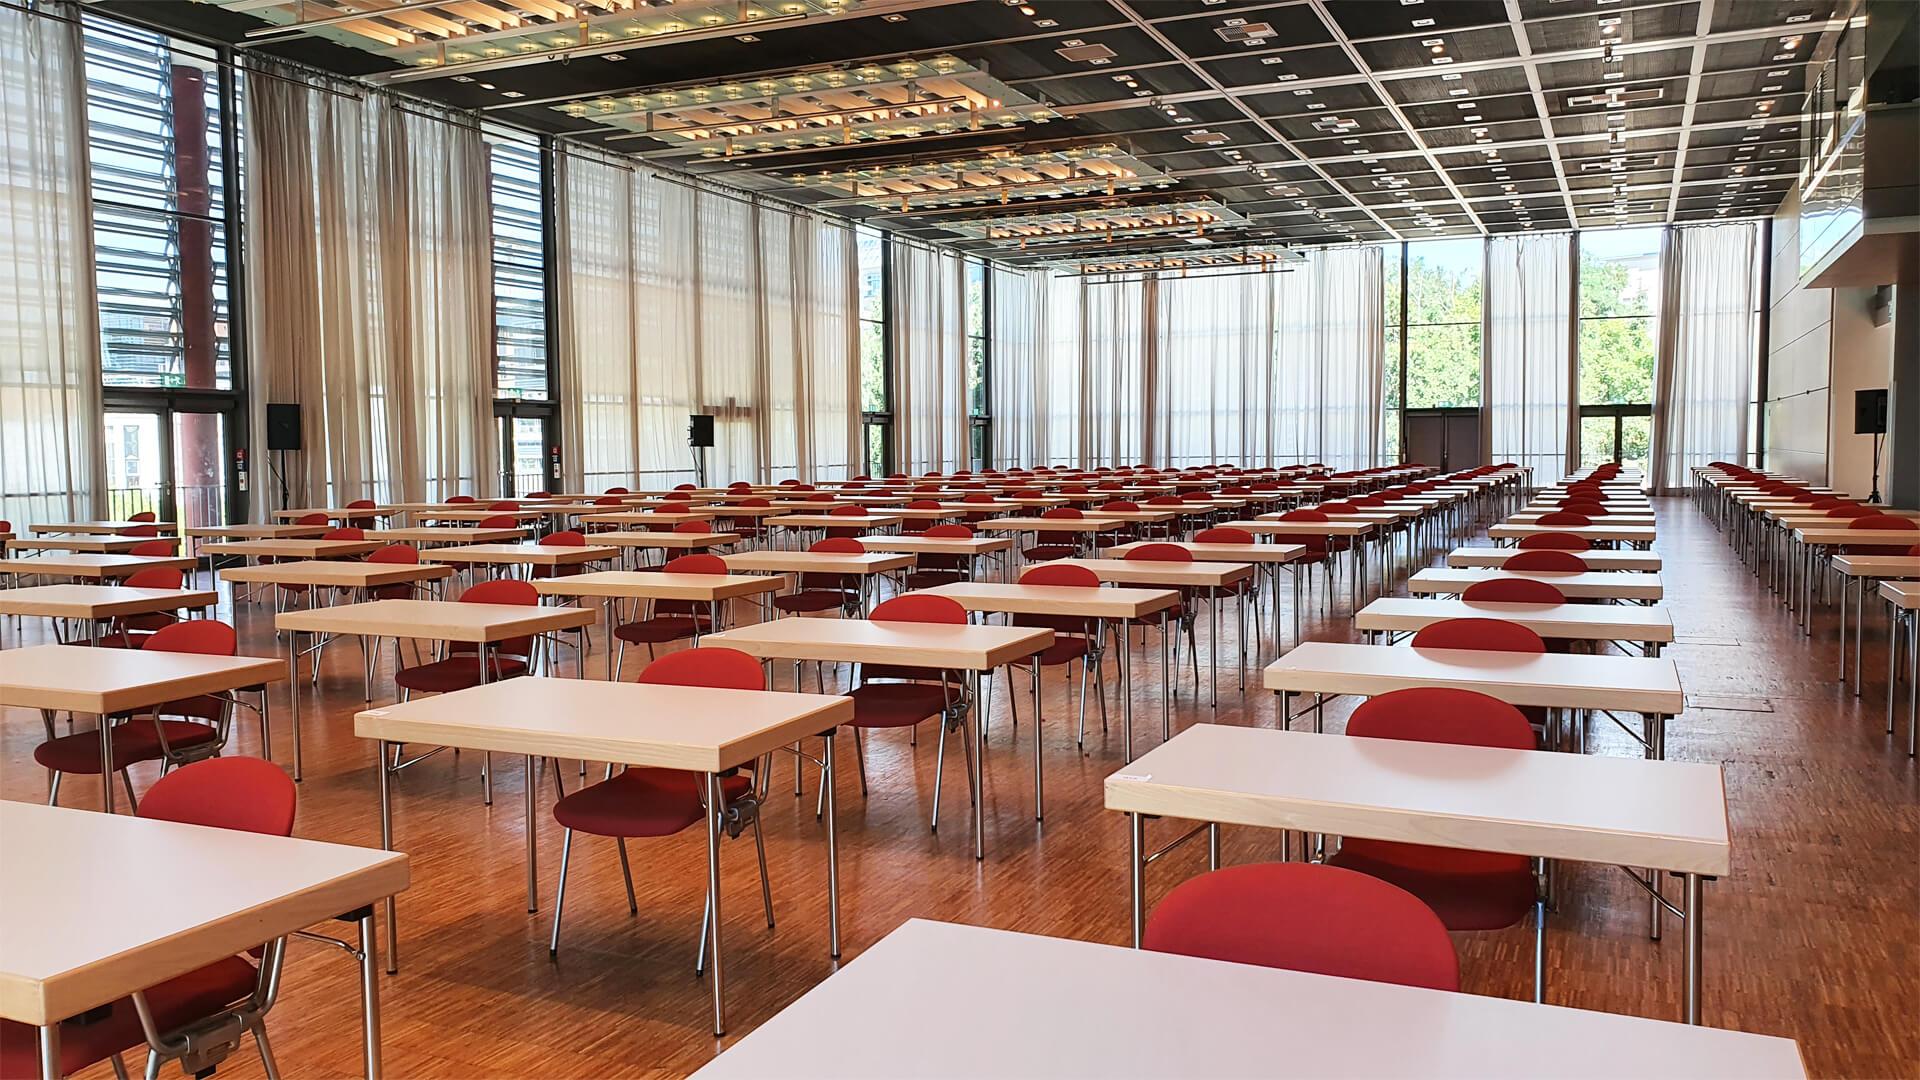 Saal West Congresshalle Coronabestuhlung Einzeltische mit Abstand dazwischen